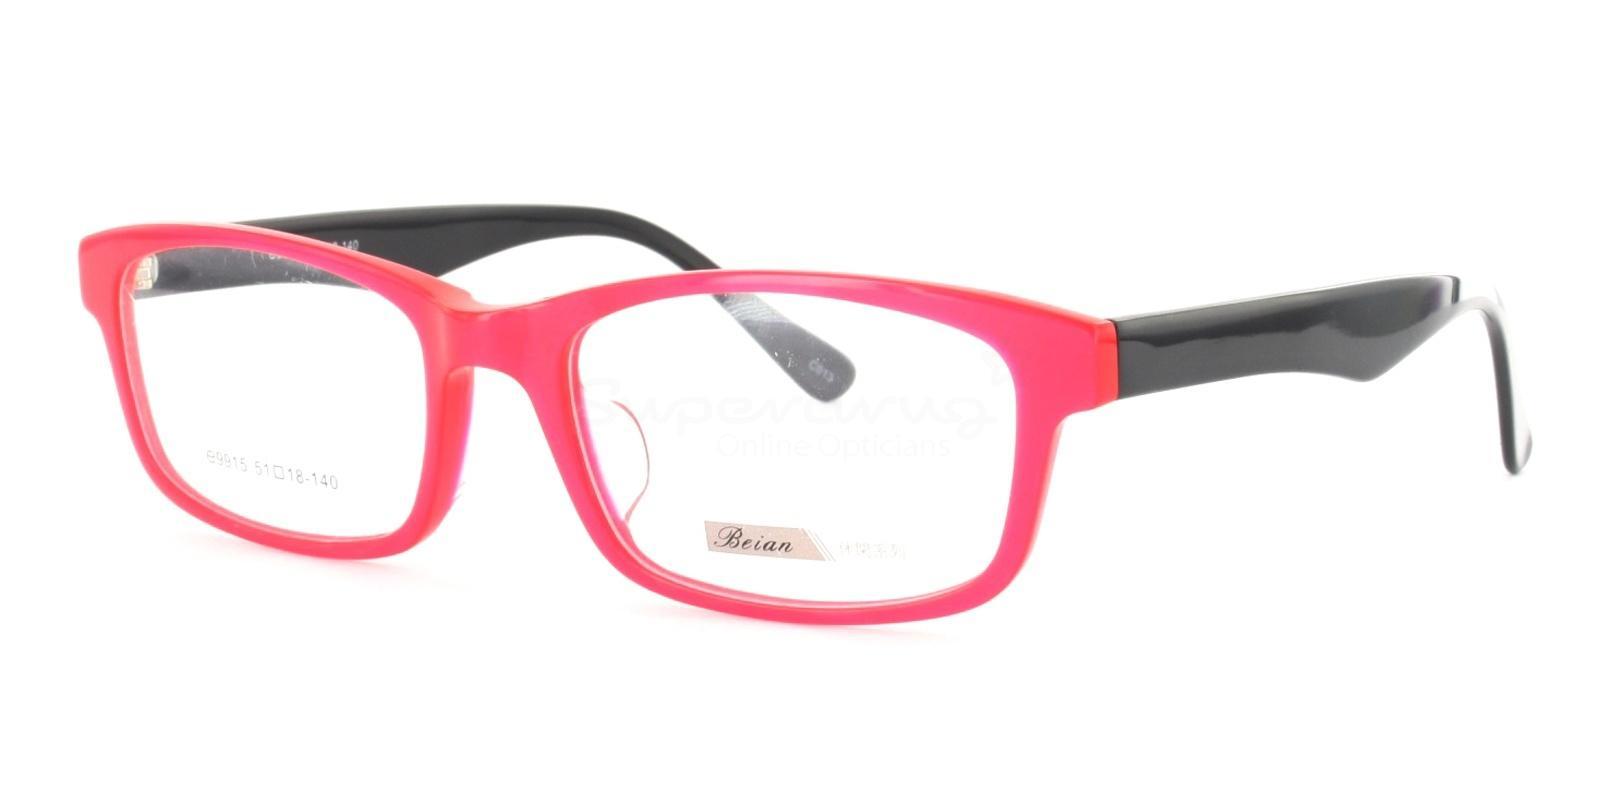 C013 A9915 Glasses, Immense